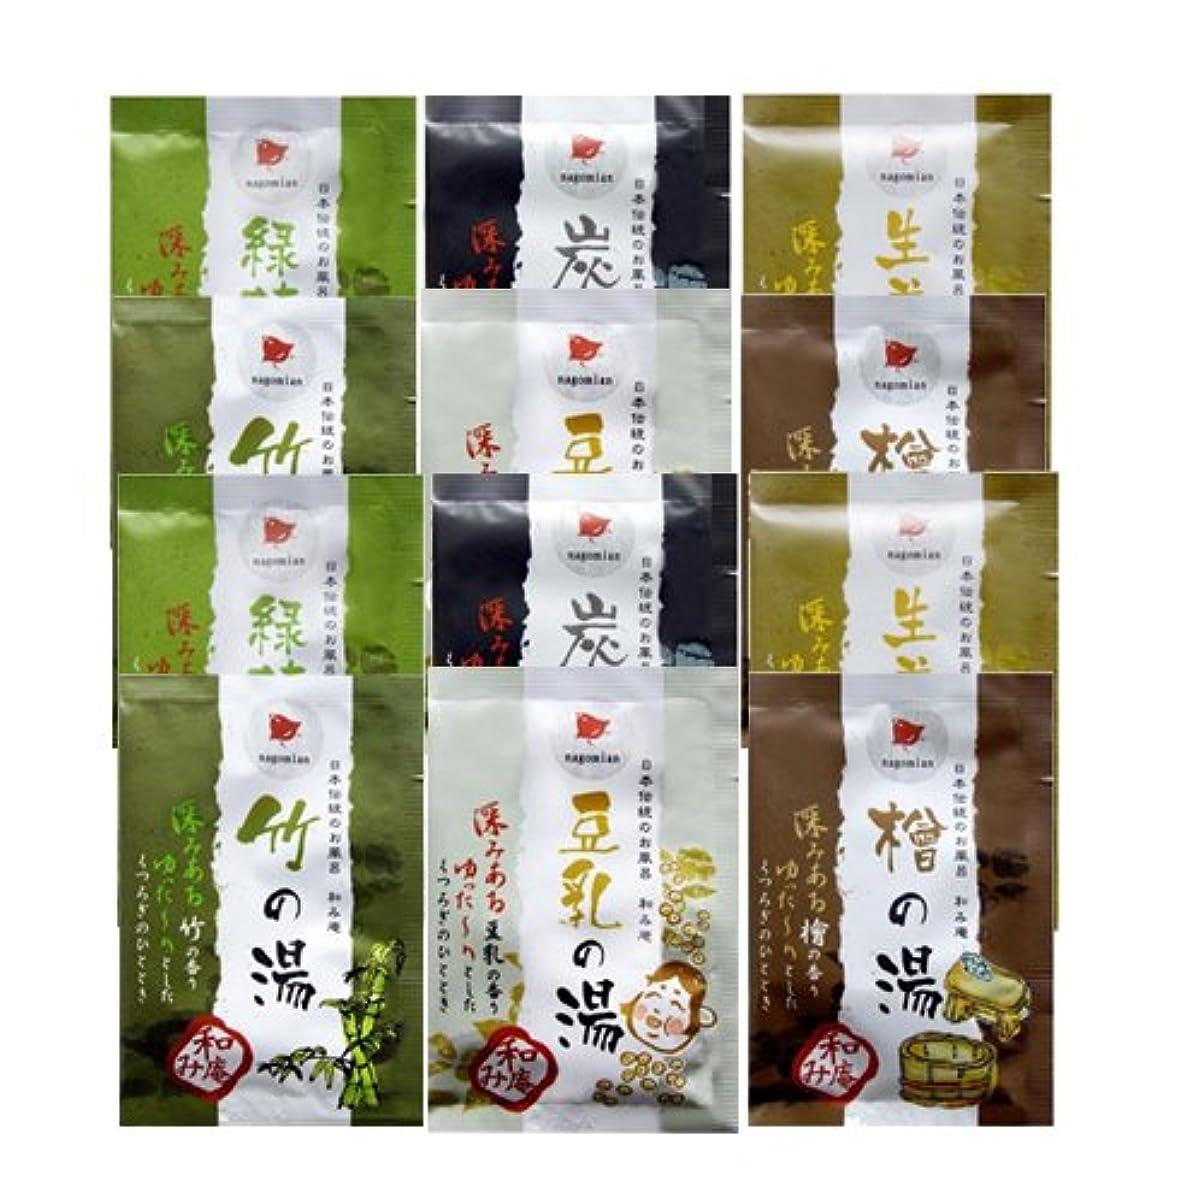 発信調和のとれた置くためにパック日本伝統のお風呂 和み庵 6種類×2個セット(計12包)